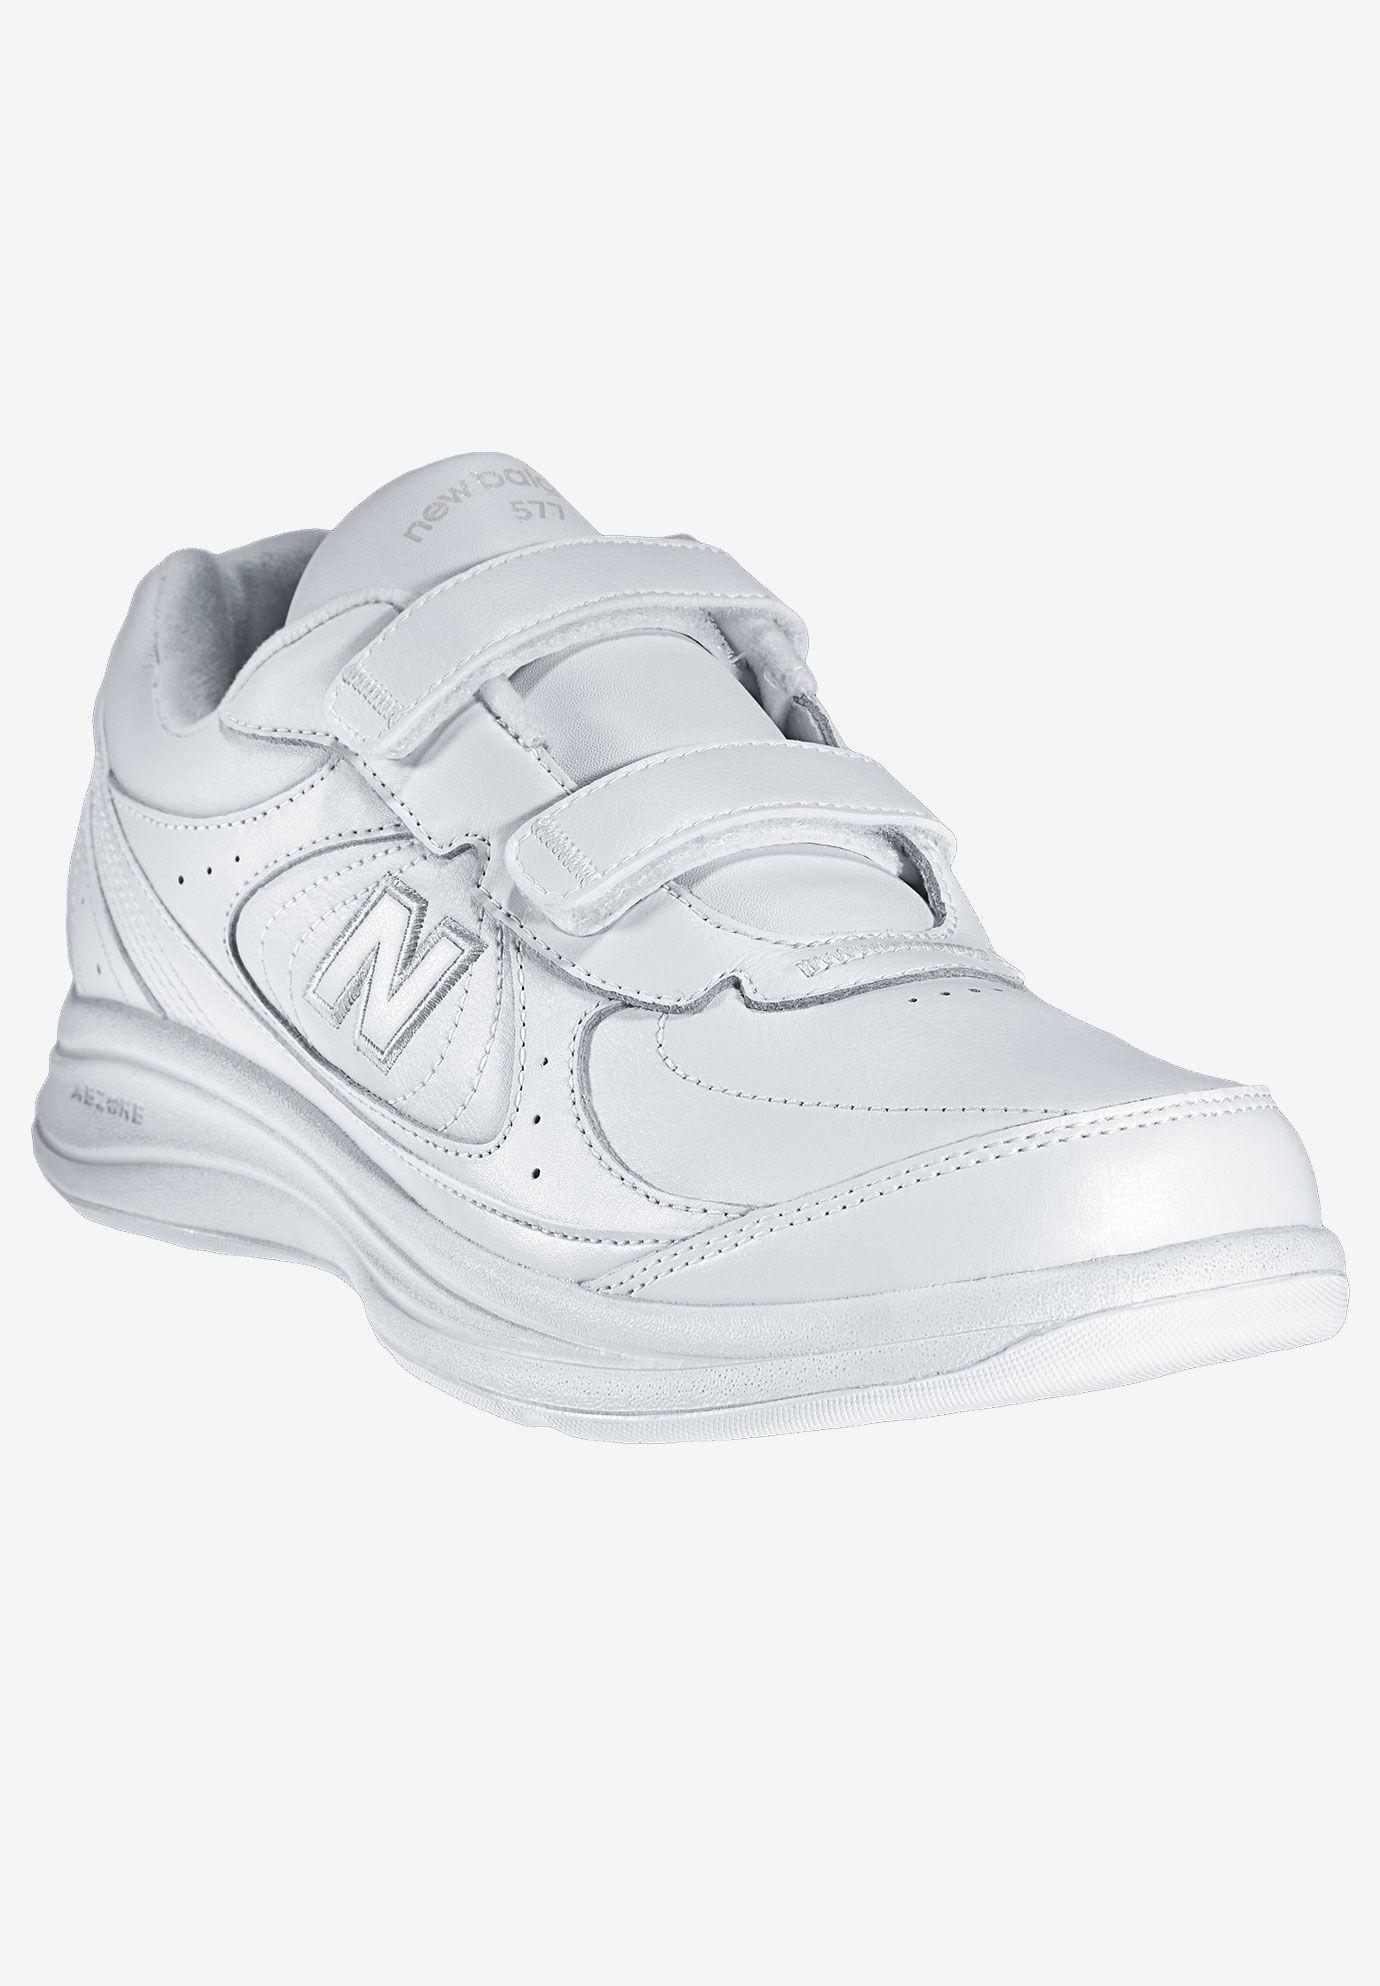 Women's Wide Width New Balance Sneakers